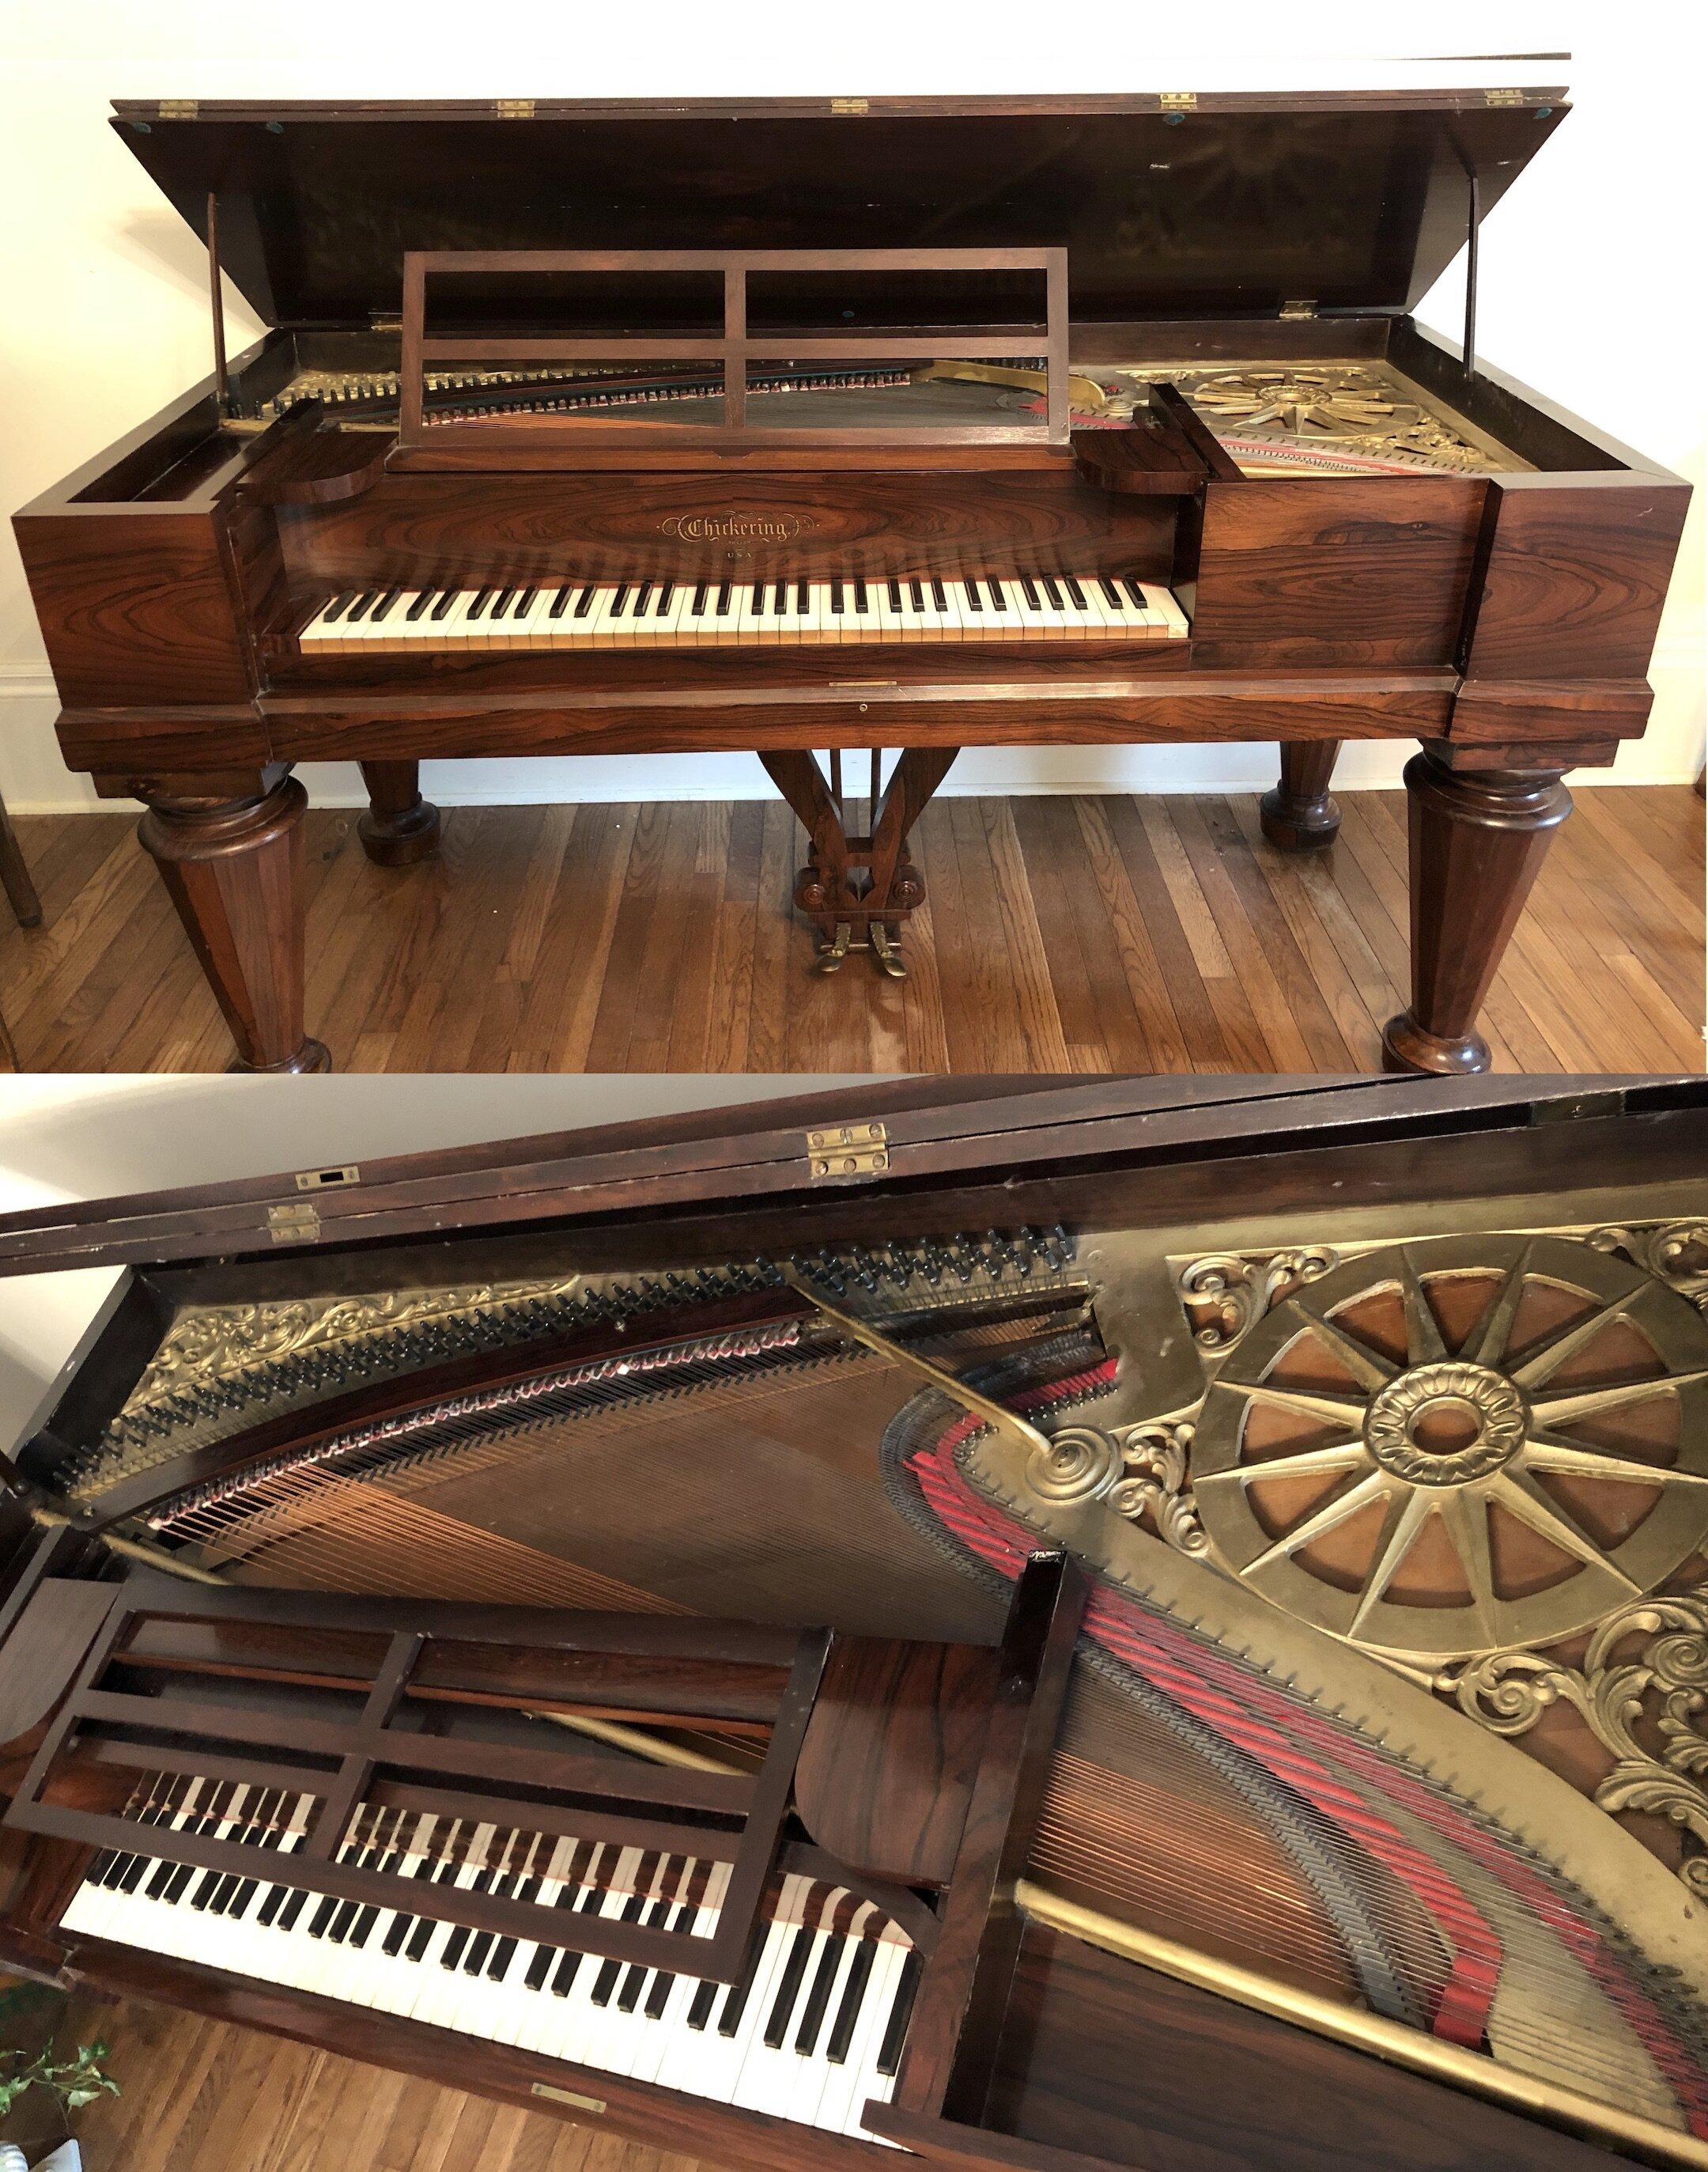 Chickering Square Grand piano copy.jpg